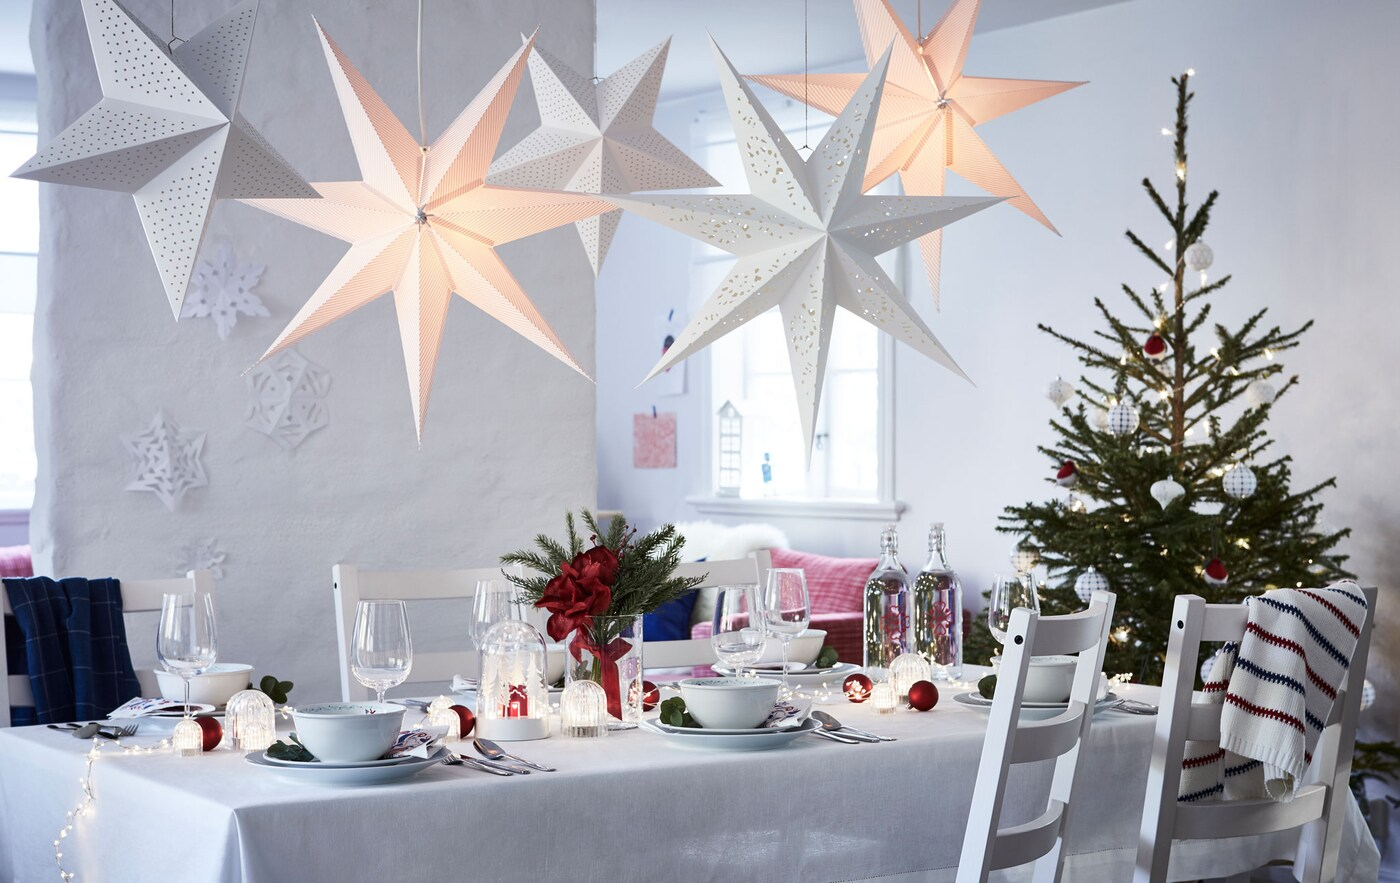 Grande pièce illuminée, mobilier épuré et grande table décorée pour les Fêtes. Sapin de Noël à droite de la table et grandes étoiles en papier suspendues au-dessus.